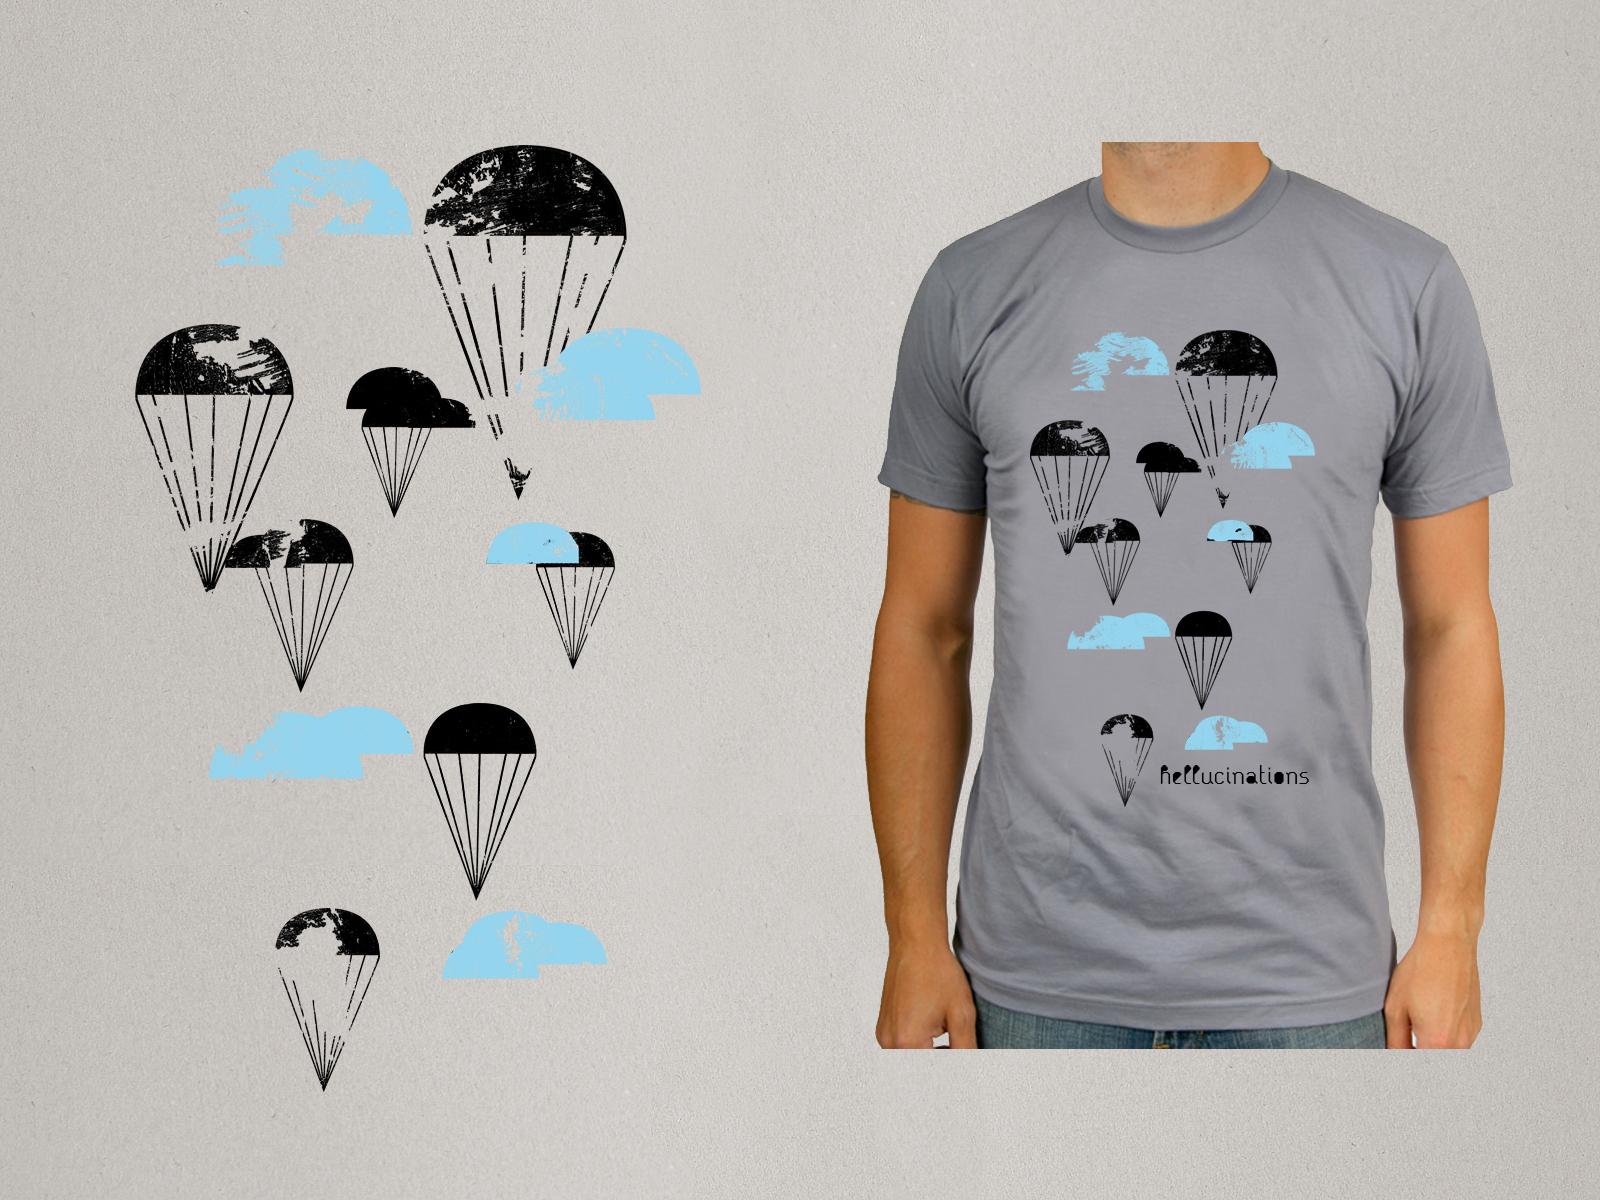 shirt_021.jpg